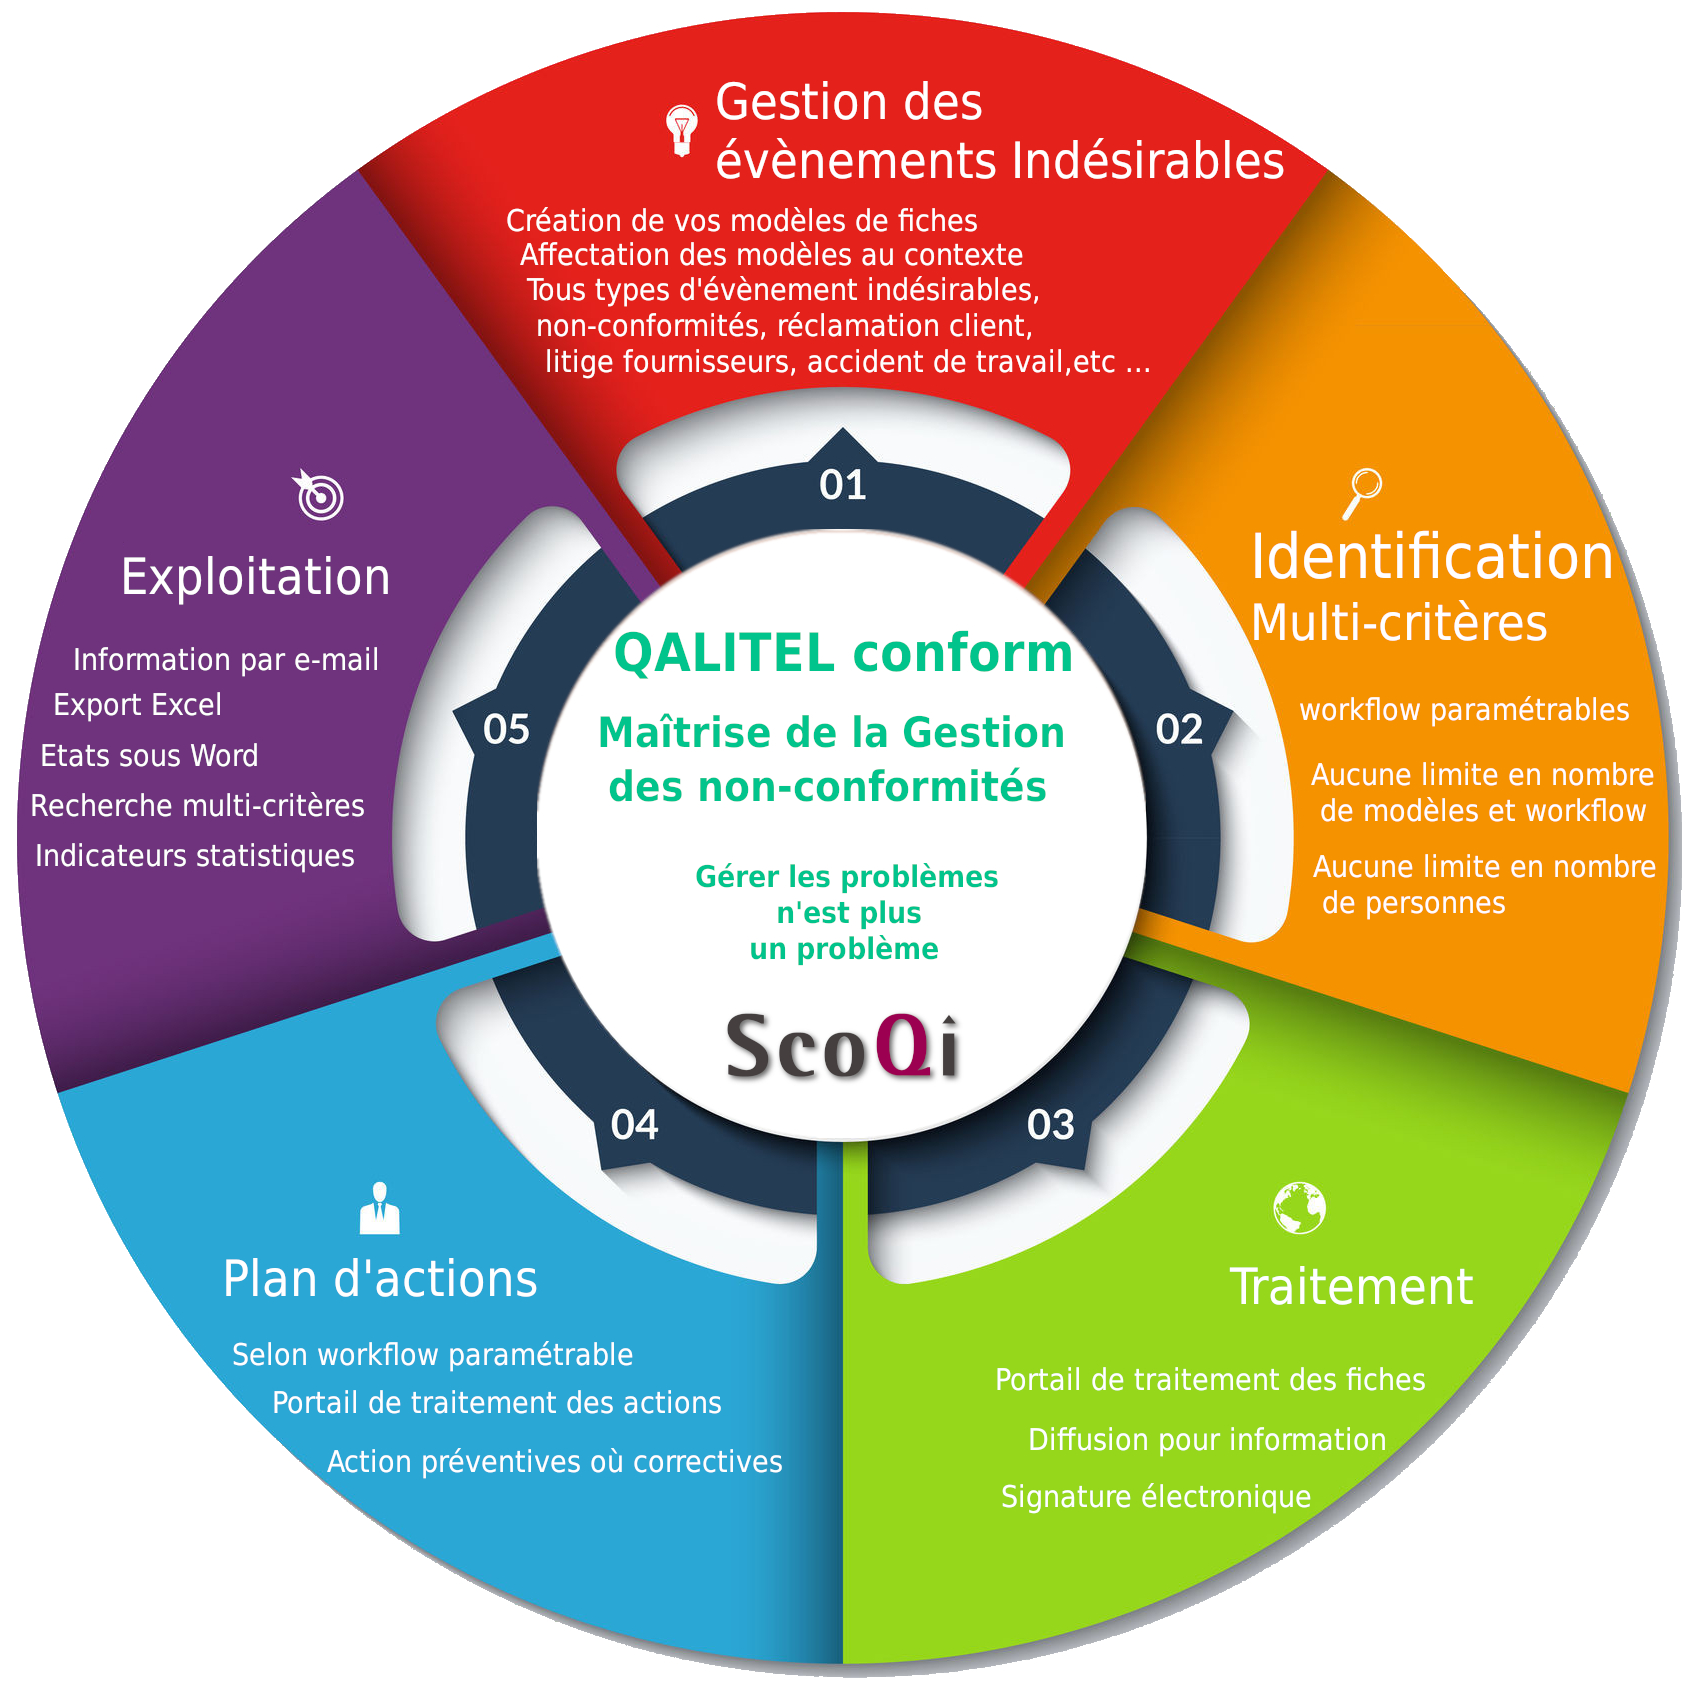 Logo-scoqi-logiciel-qualite-produit-logiciels - logo-logiciel_gestion_non-conformite-scoqi-qalitel-conform_cycle